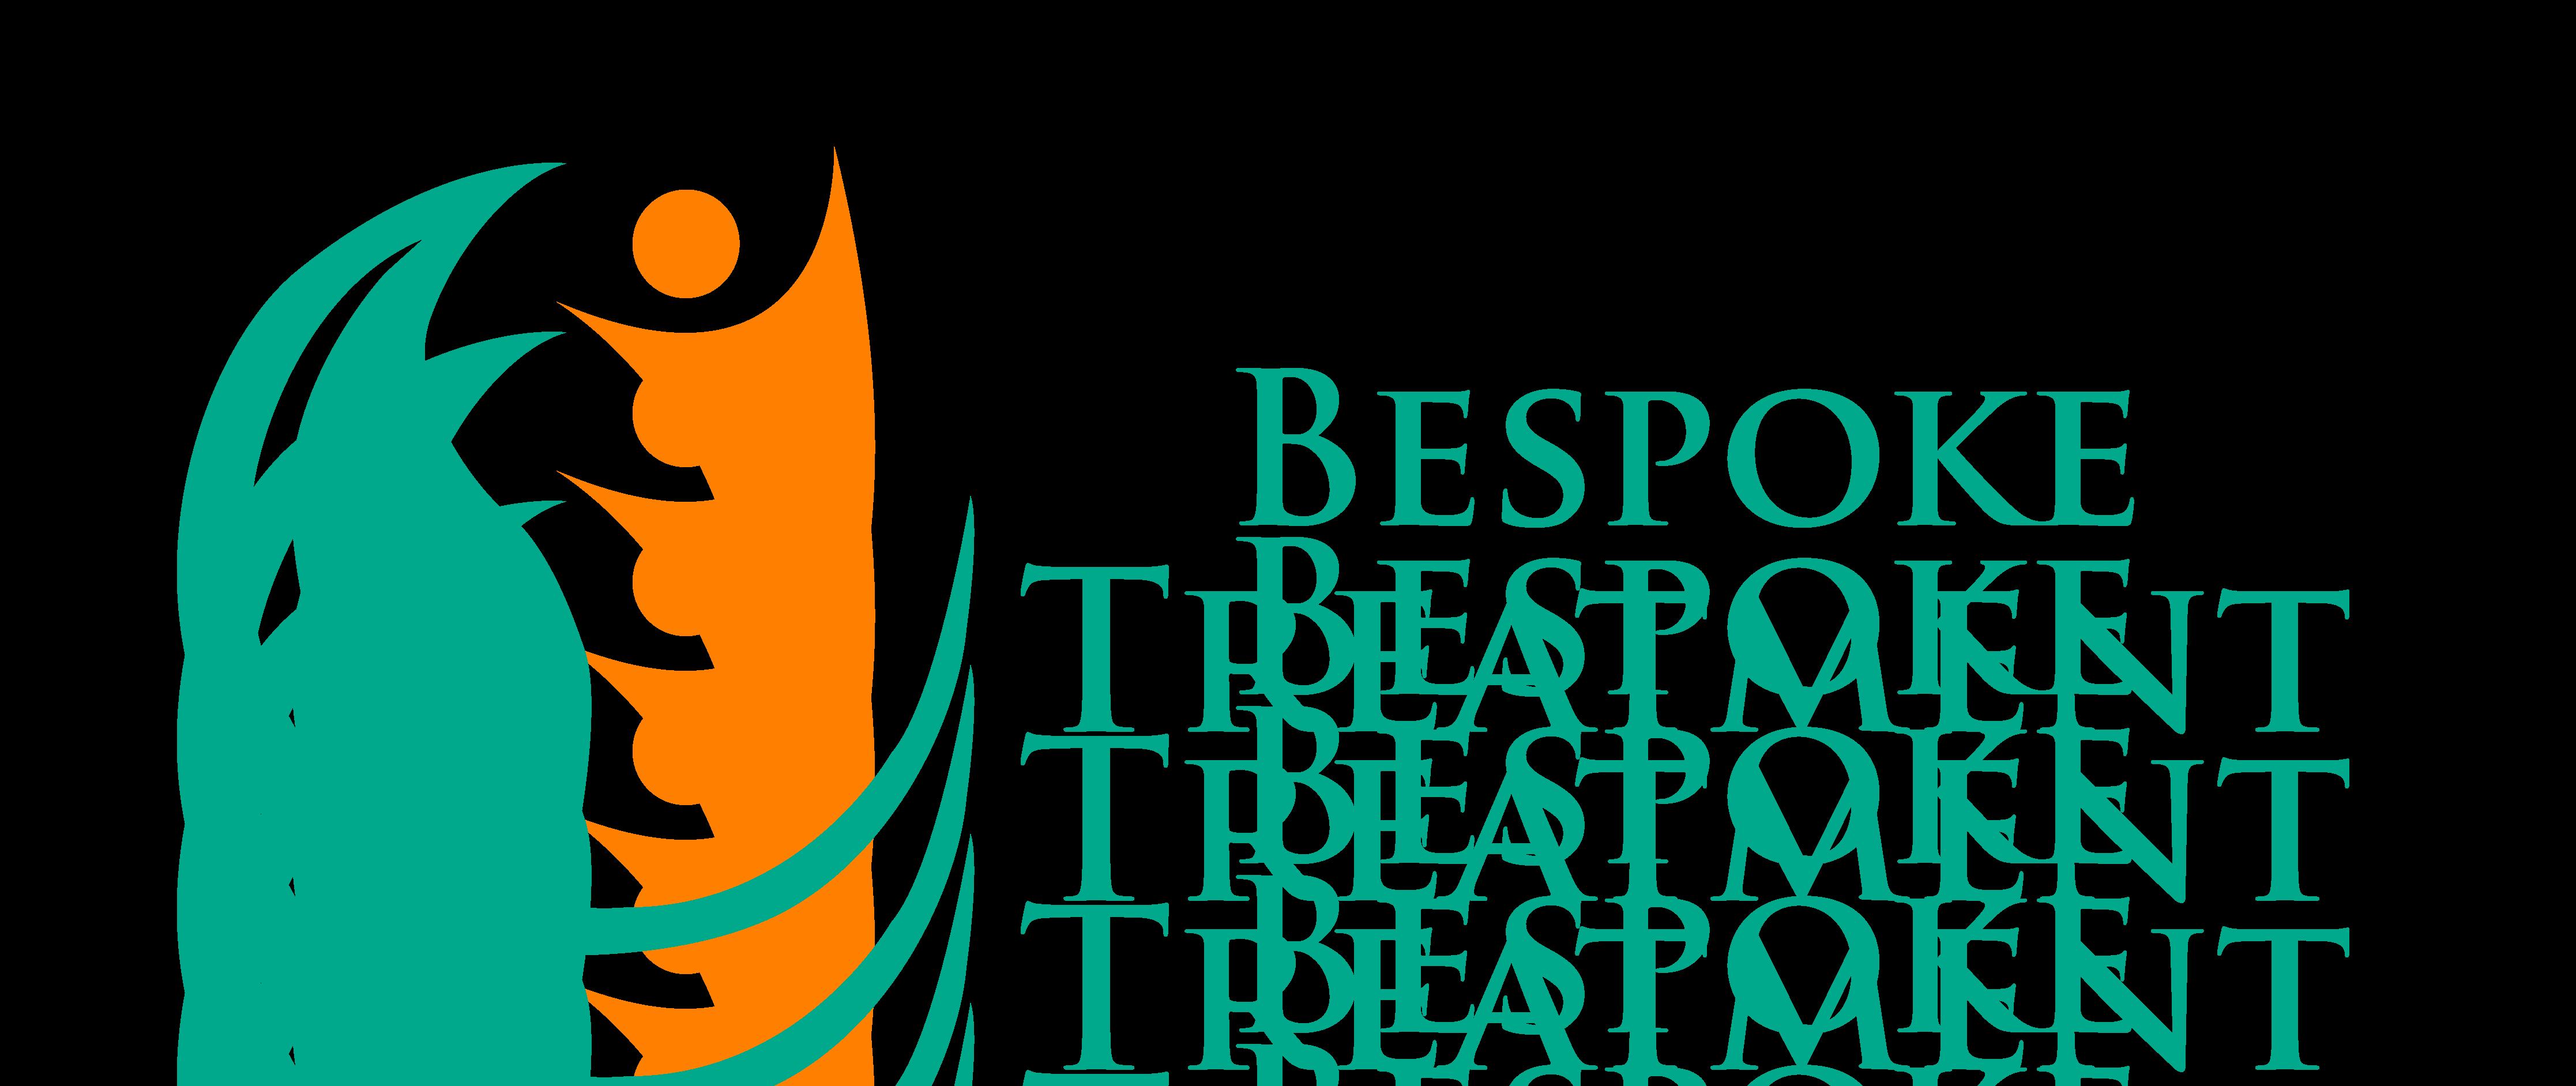 Bespoke Treatment company logo